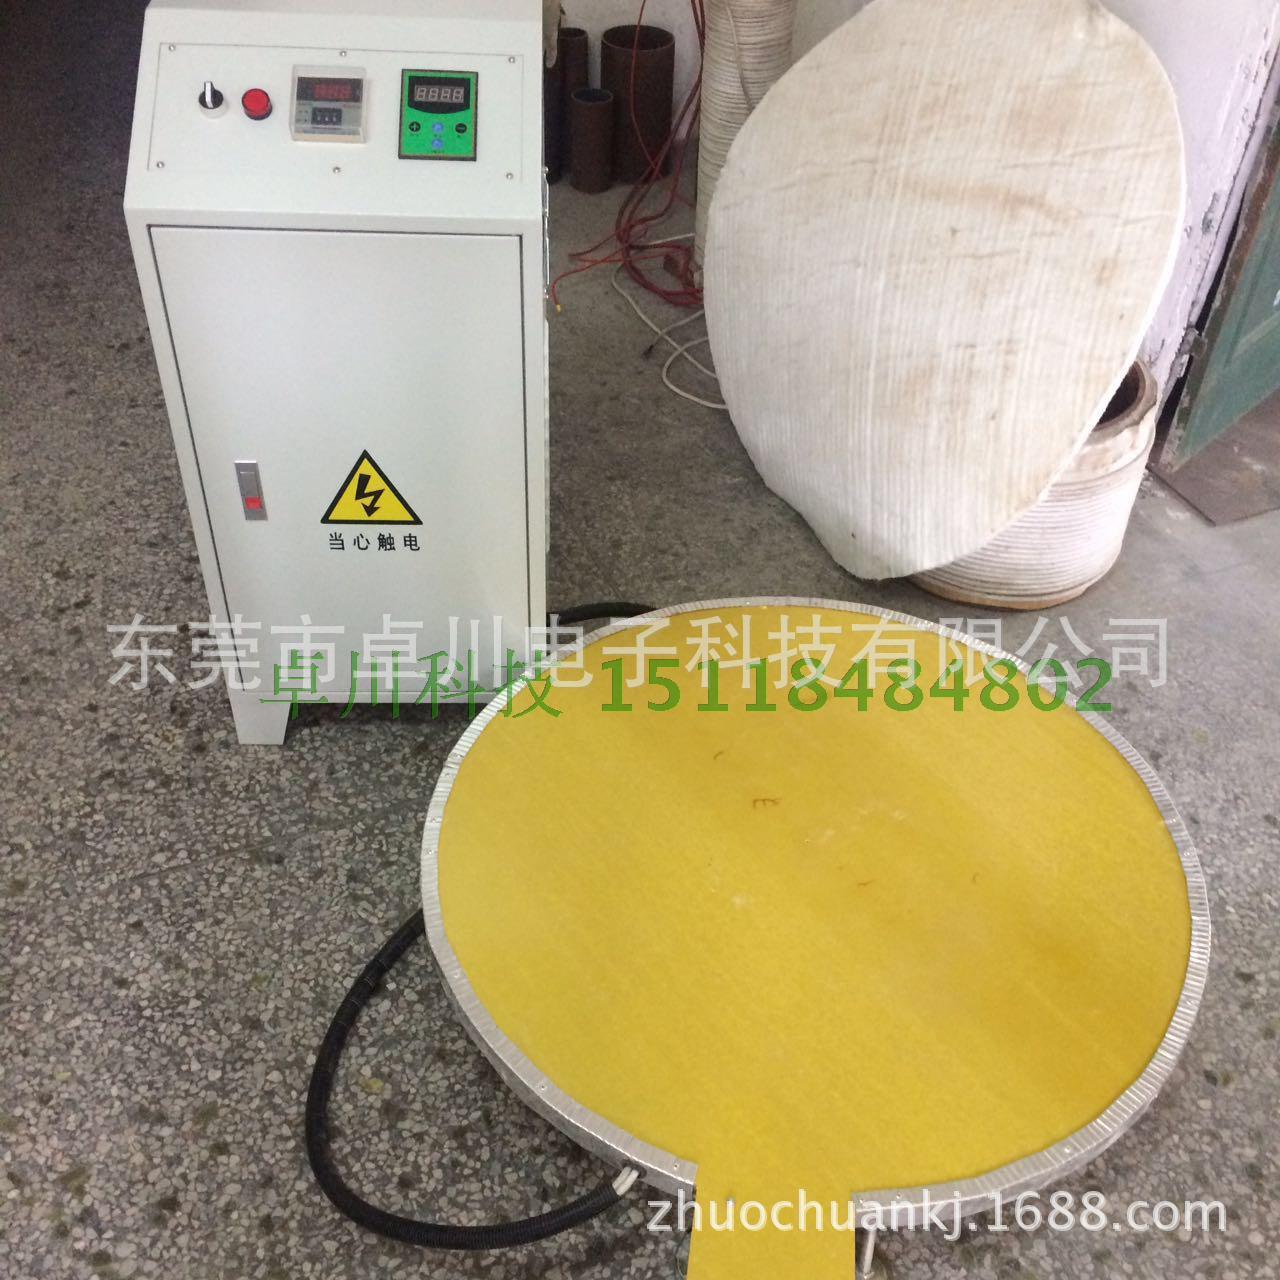 扩散泵 600 光学镀膜机扩散泵10KW电磁加热 电磁加热控制器整套